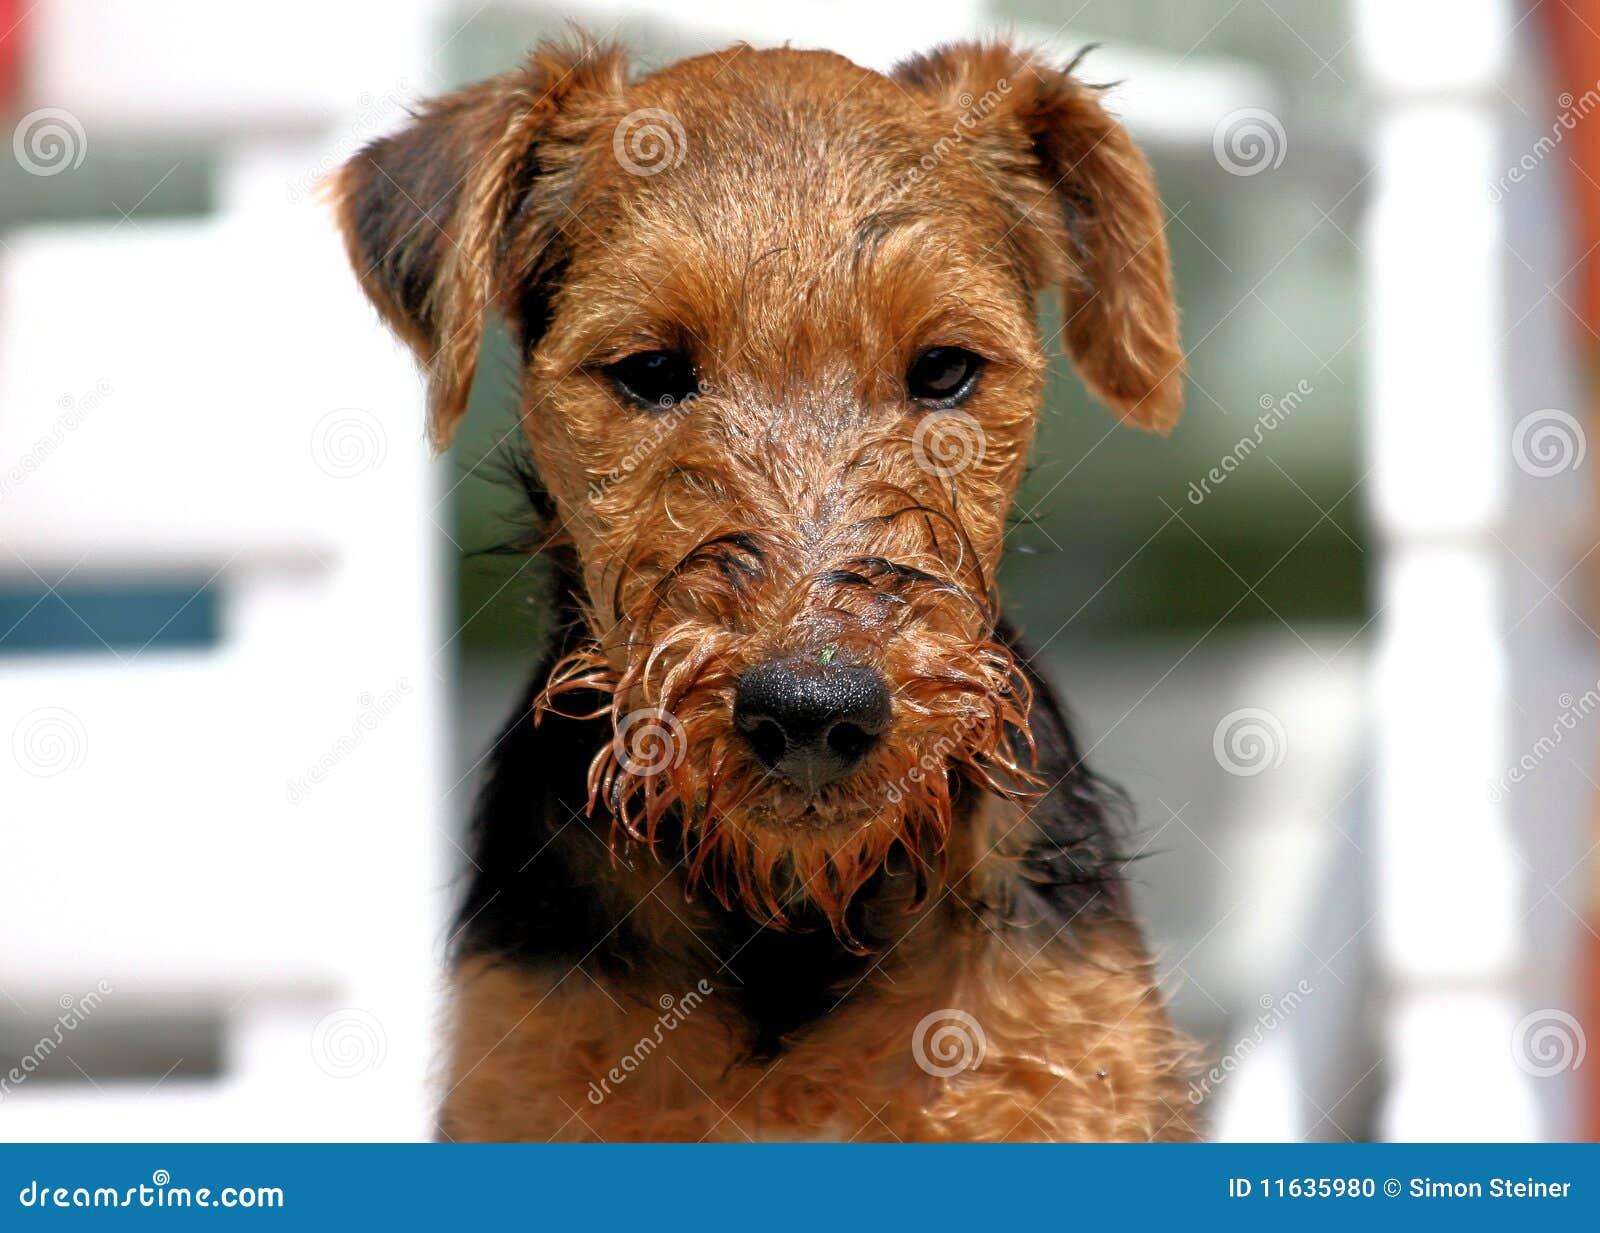 Dopo il bagno fotografia stock immagine di ciotola welsh 11635980 - Bagno cane dopo antipulci ...